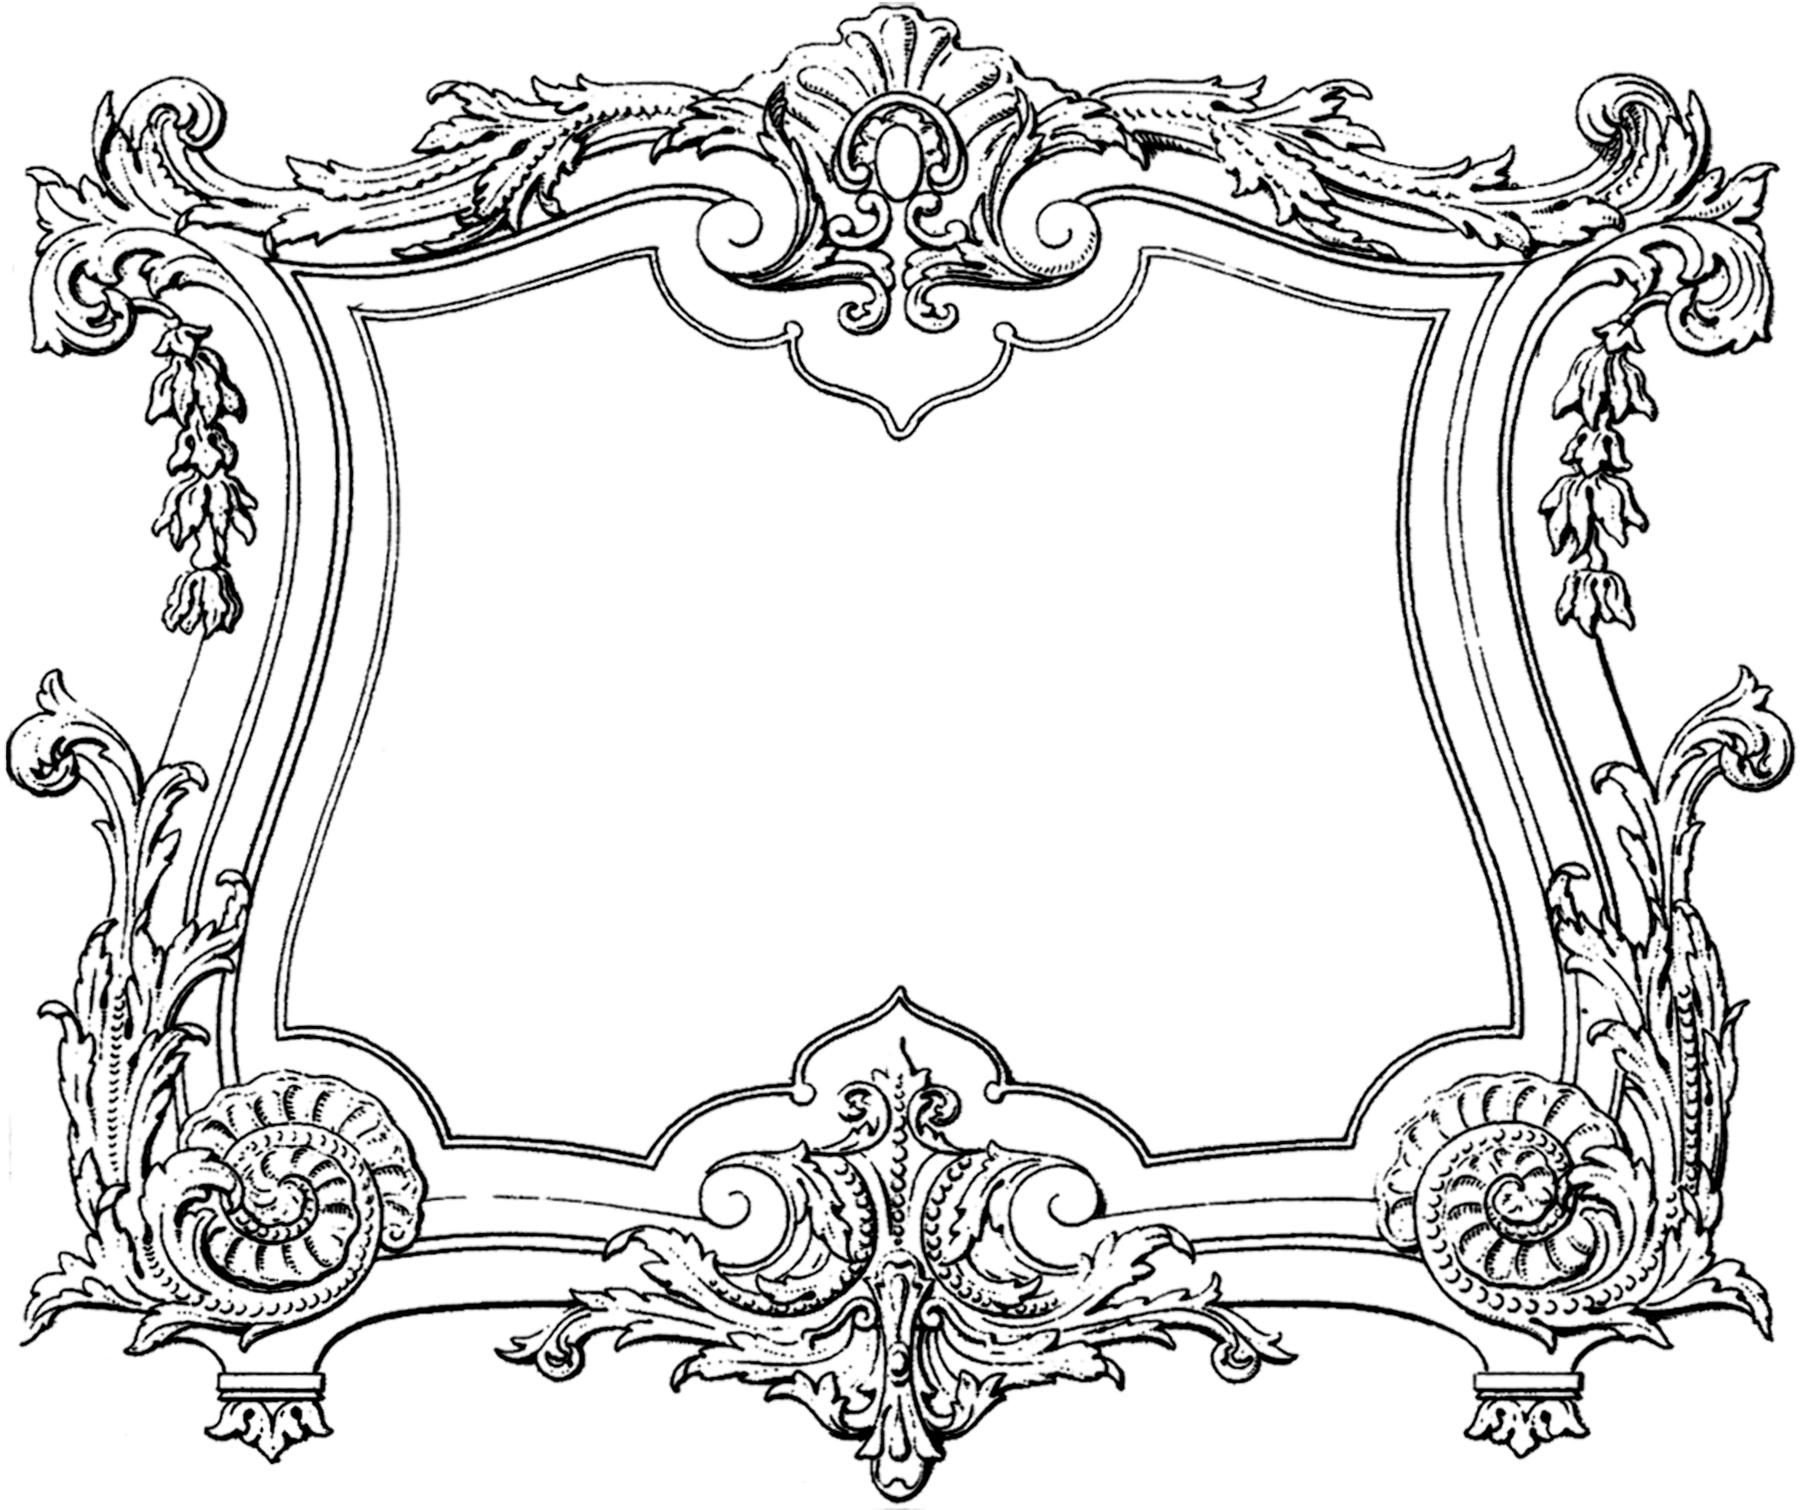 Image! Frame The Frame Image